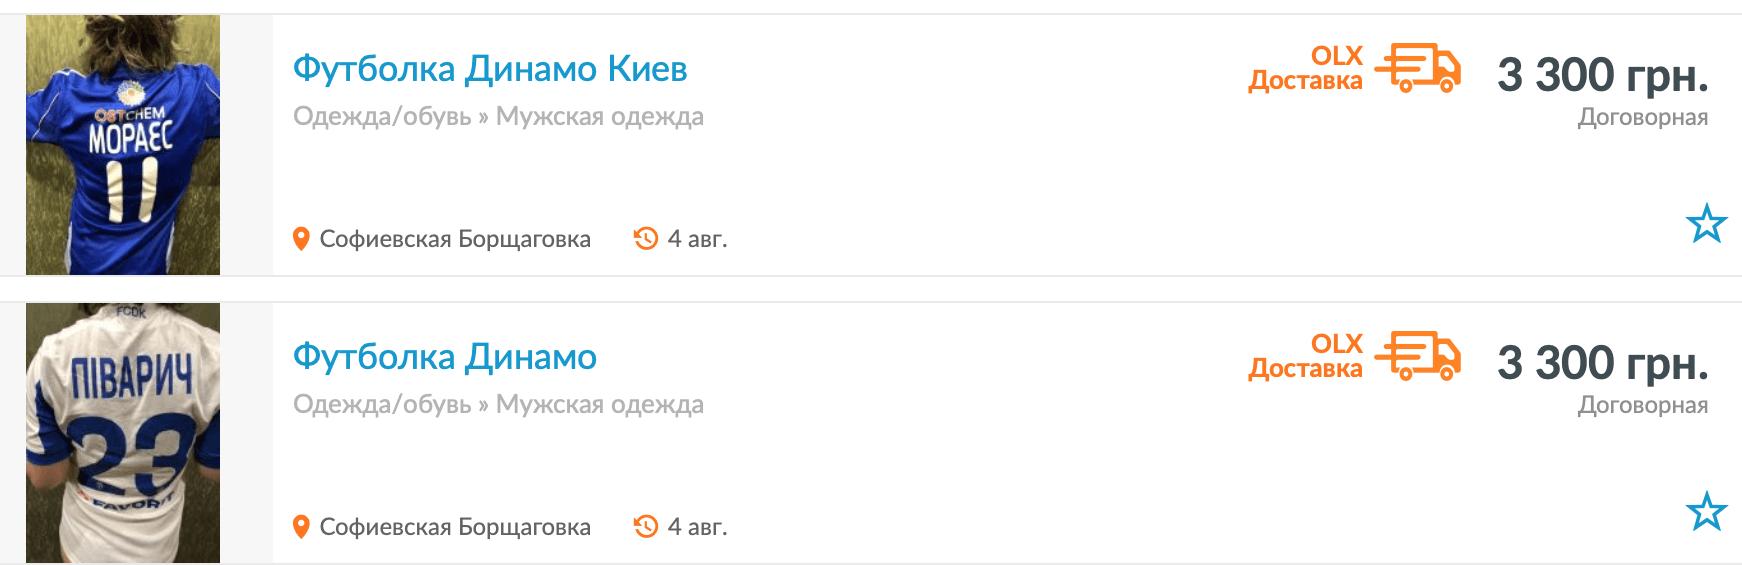 Вот это болельщики: онлайн можно купить футболки Шевченко, Ярмоленко и многих других (Фото) - изображение 5